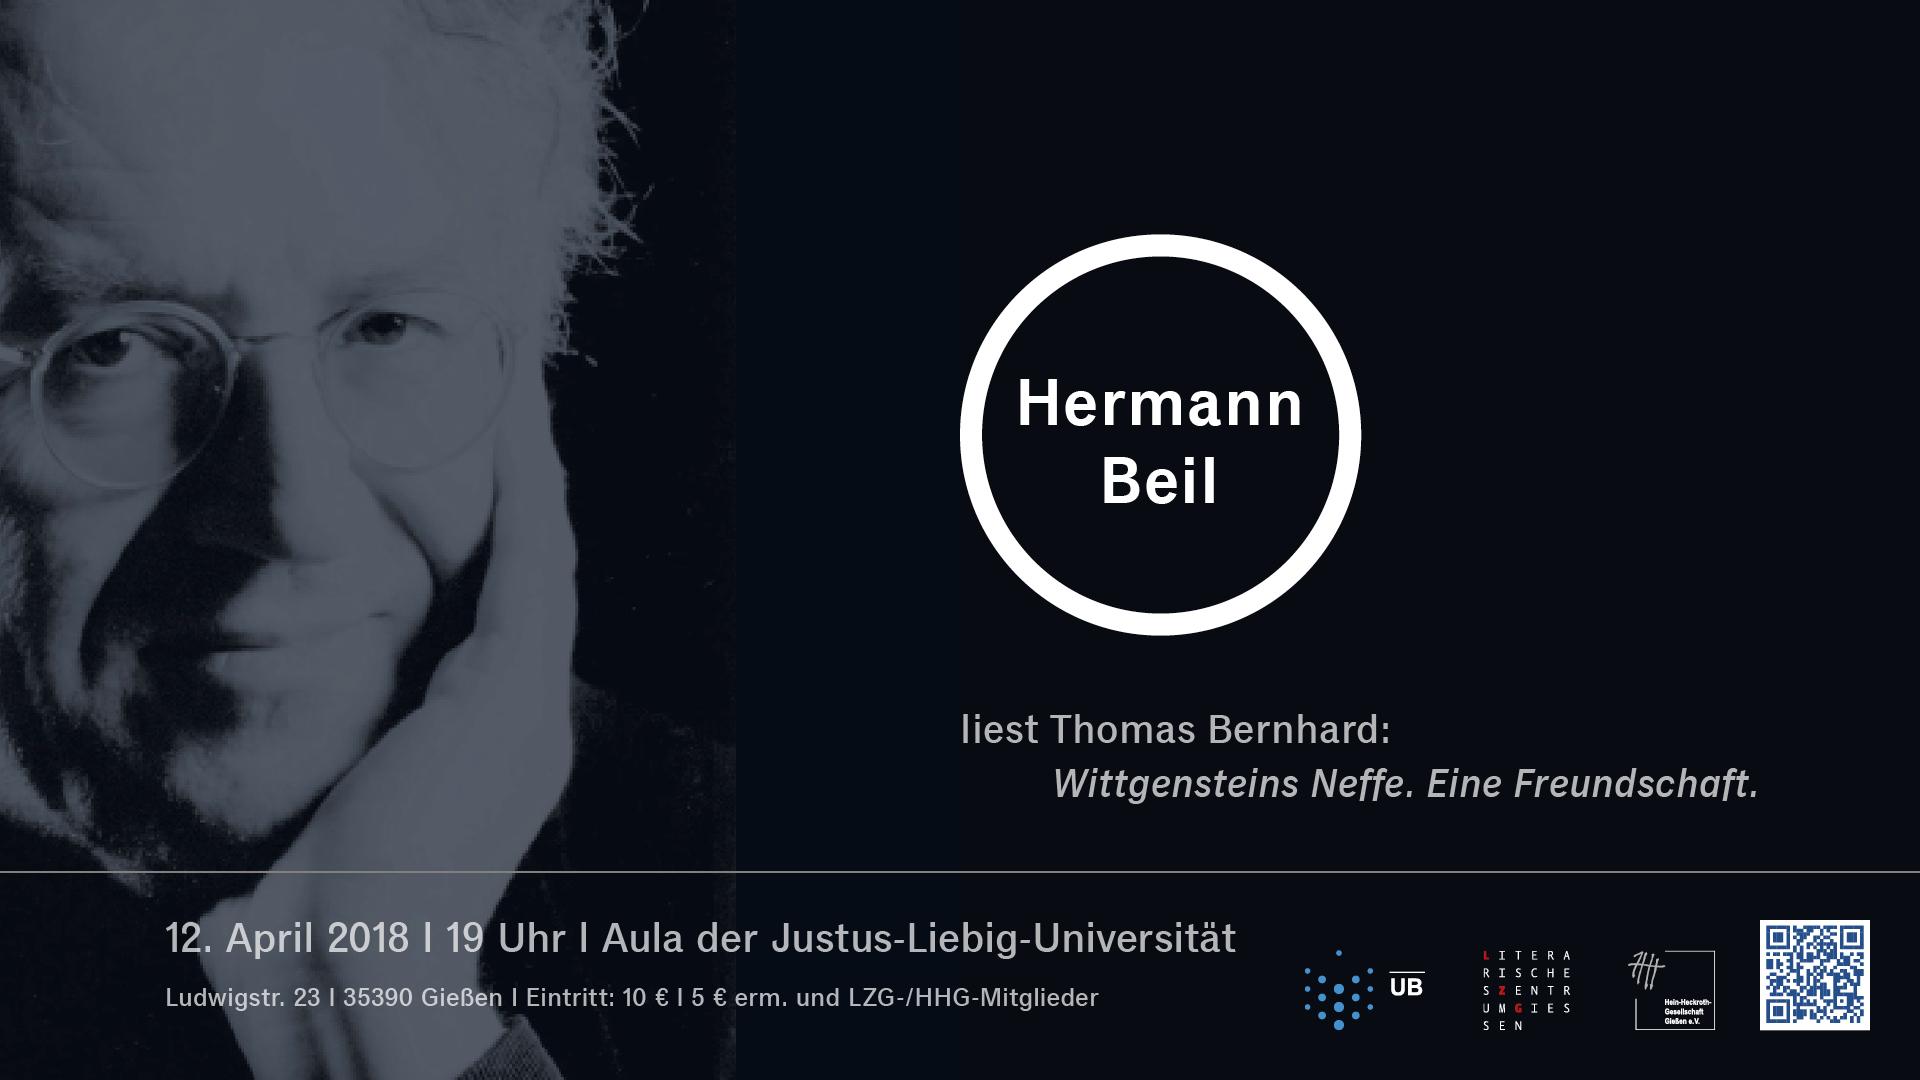 UB_Monitor_2018_Beil1.jpg